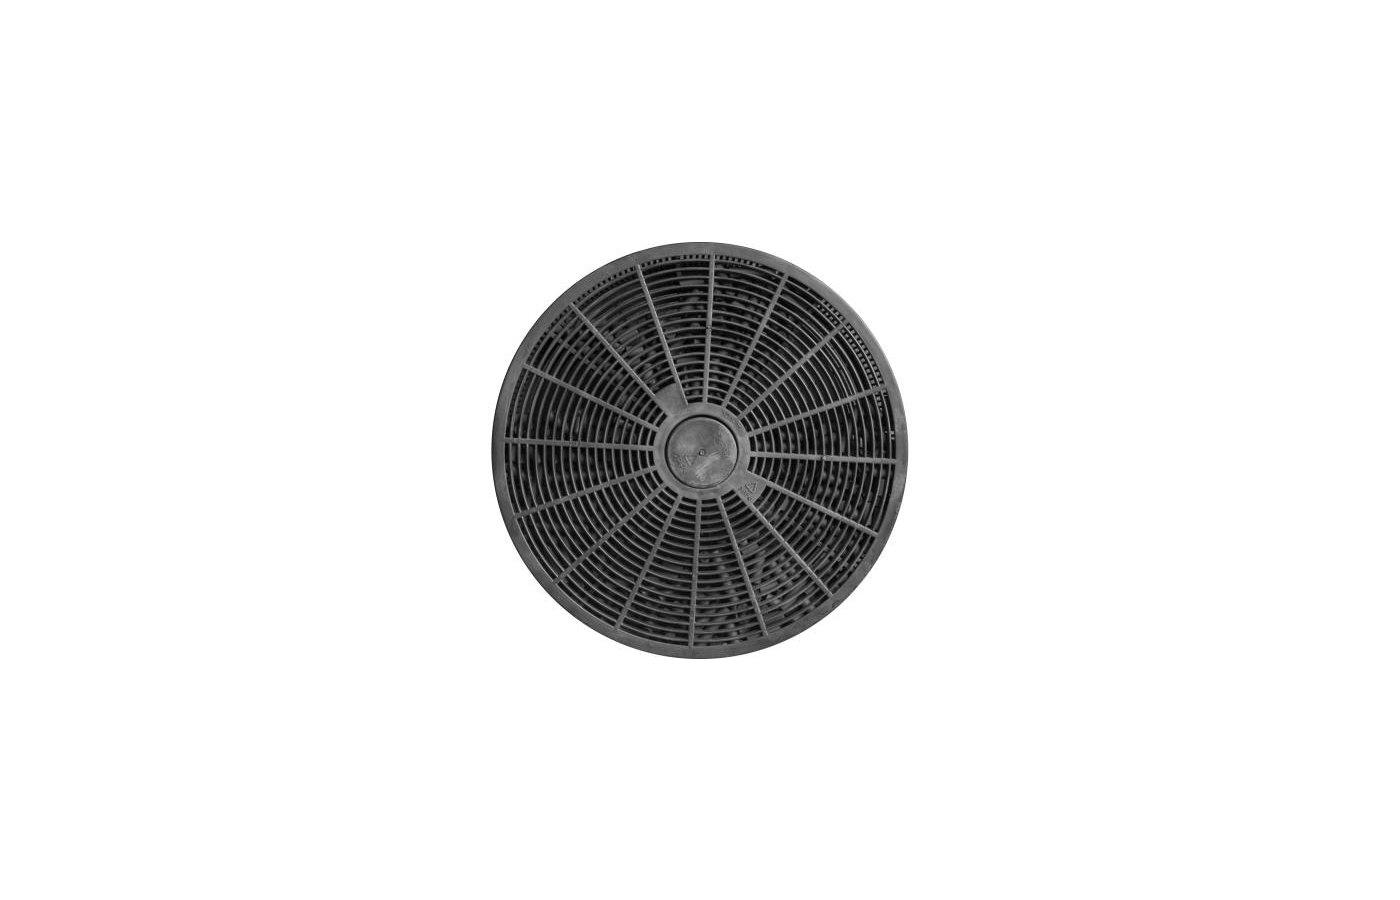 Фильтры для воздухоочистителей SHINDO фильтр угольный тип S.I.TW.01.05 (2 шт. для модели MIO)